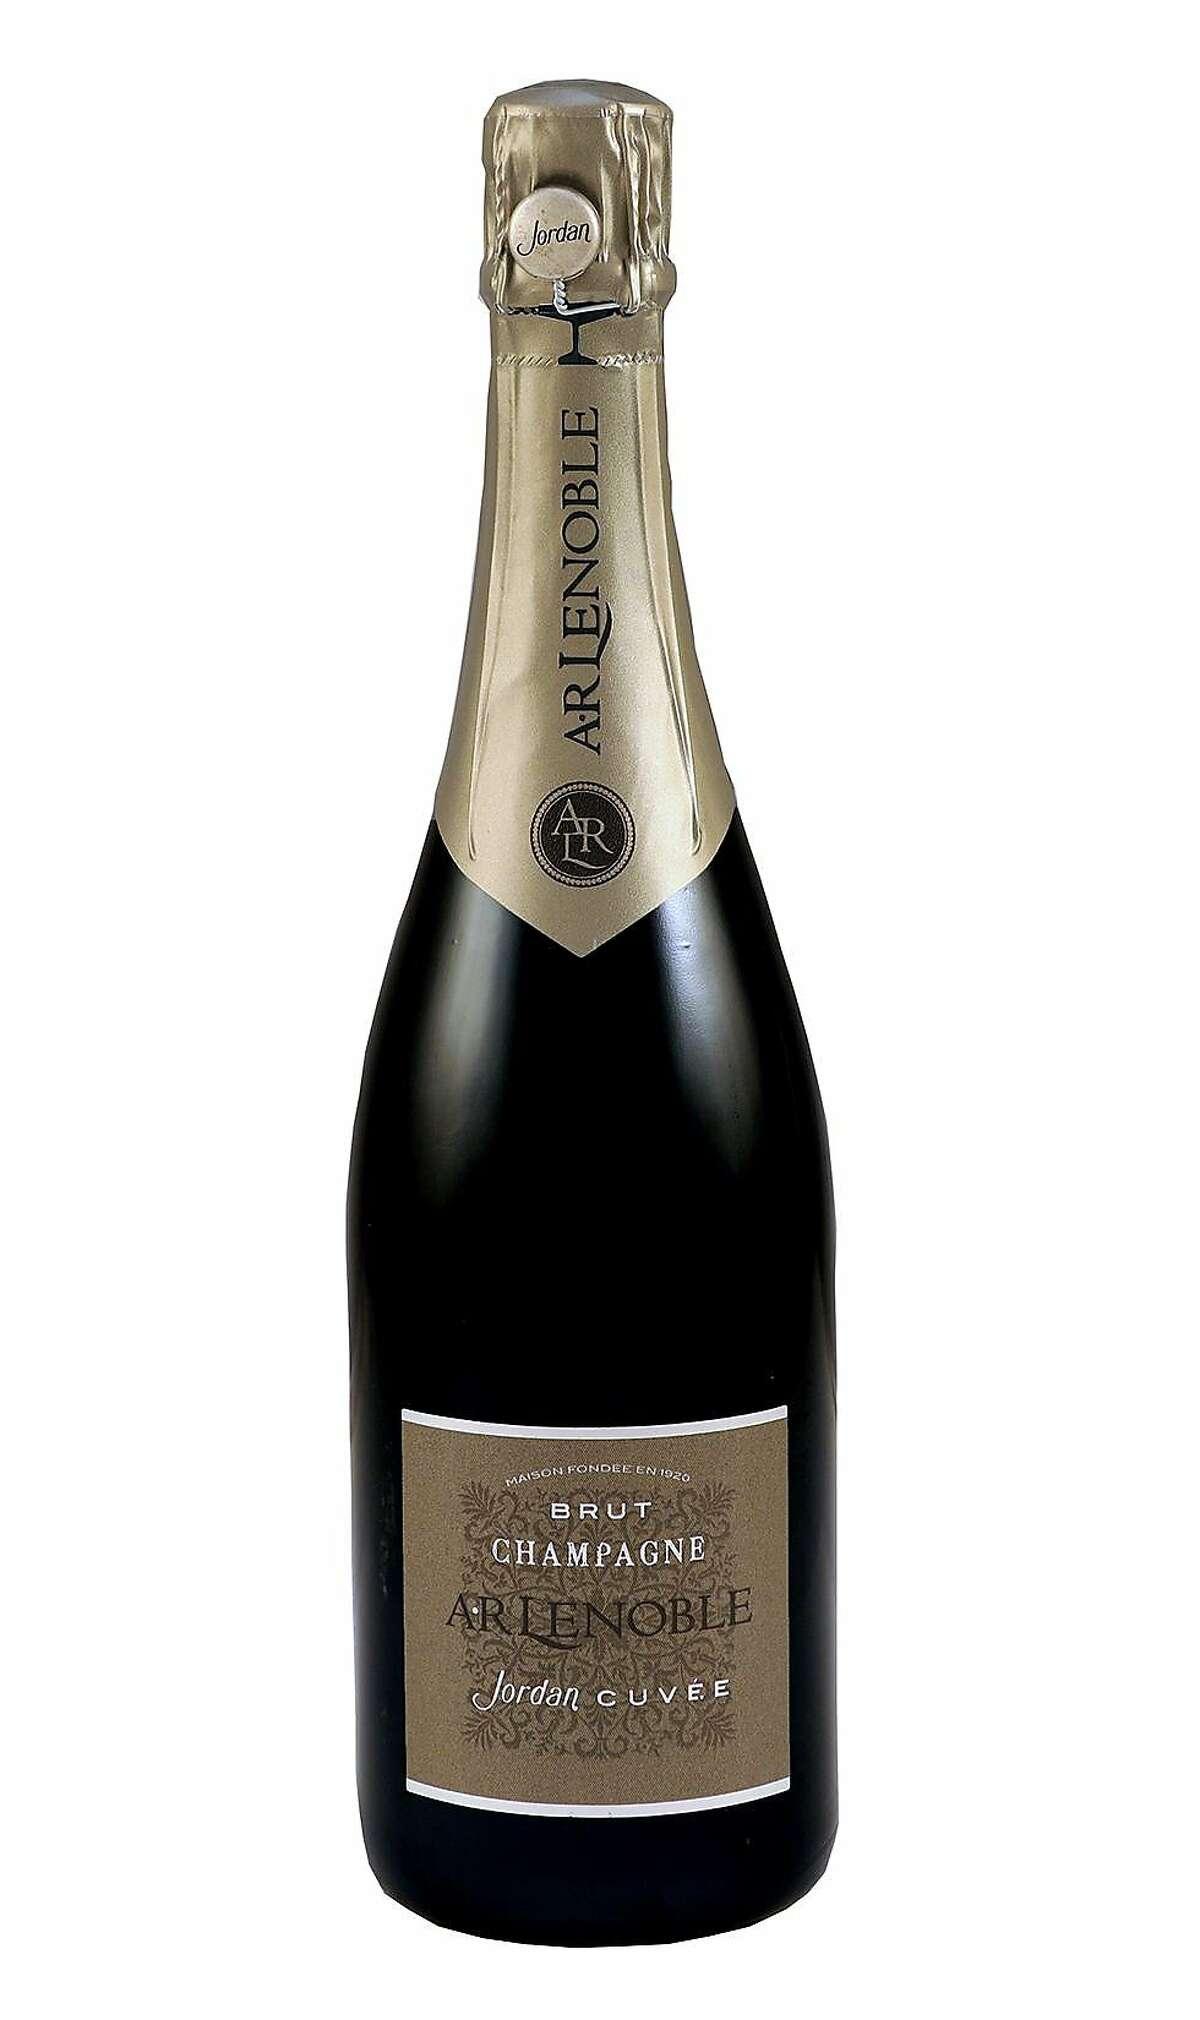 Jordan Cuv�e by Champagne AR Lenoble NV (12.5%, $49)